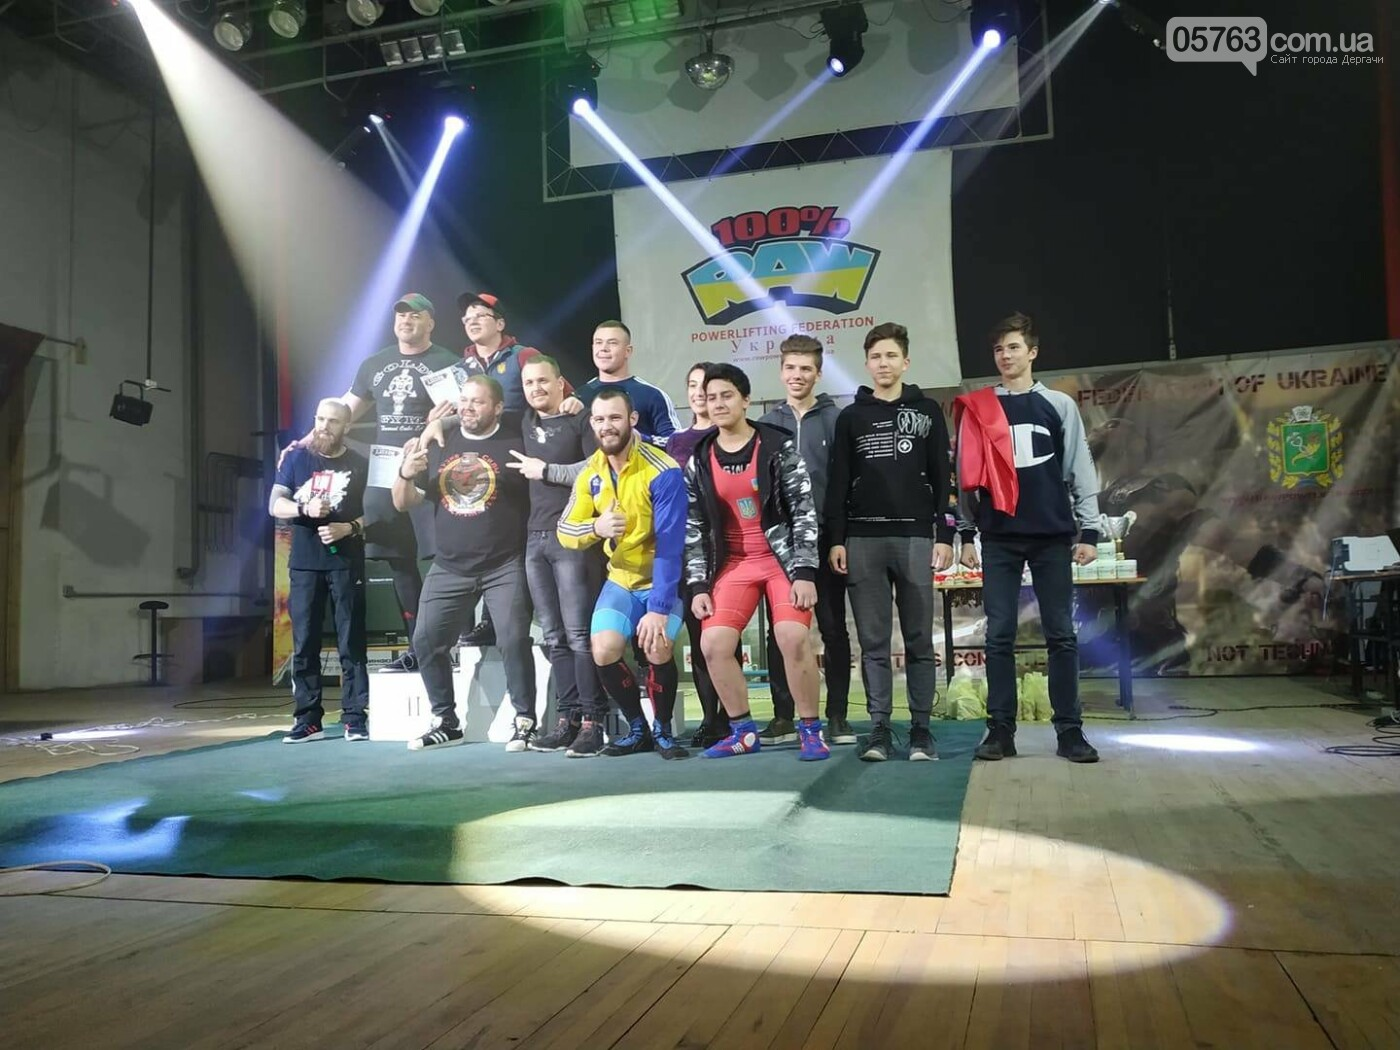 В Дергачах відбувся Всеукраїнський турнір з пауерліфтингу та жиму штанги лежачи, фото-6